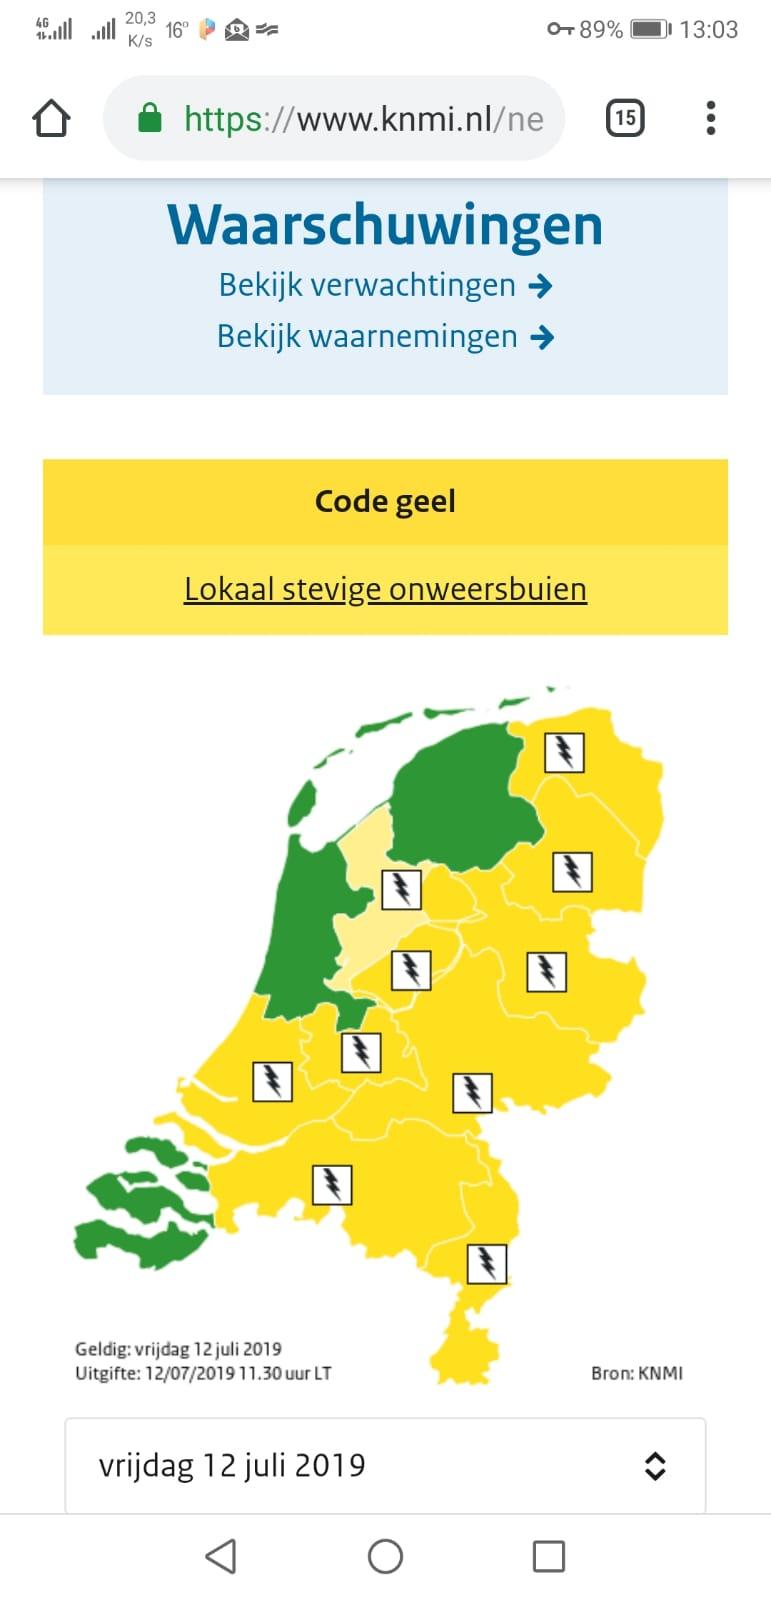 Code geel voor onweersbuien